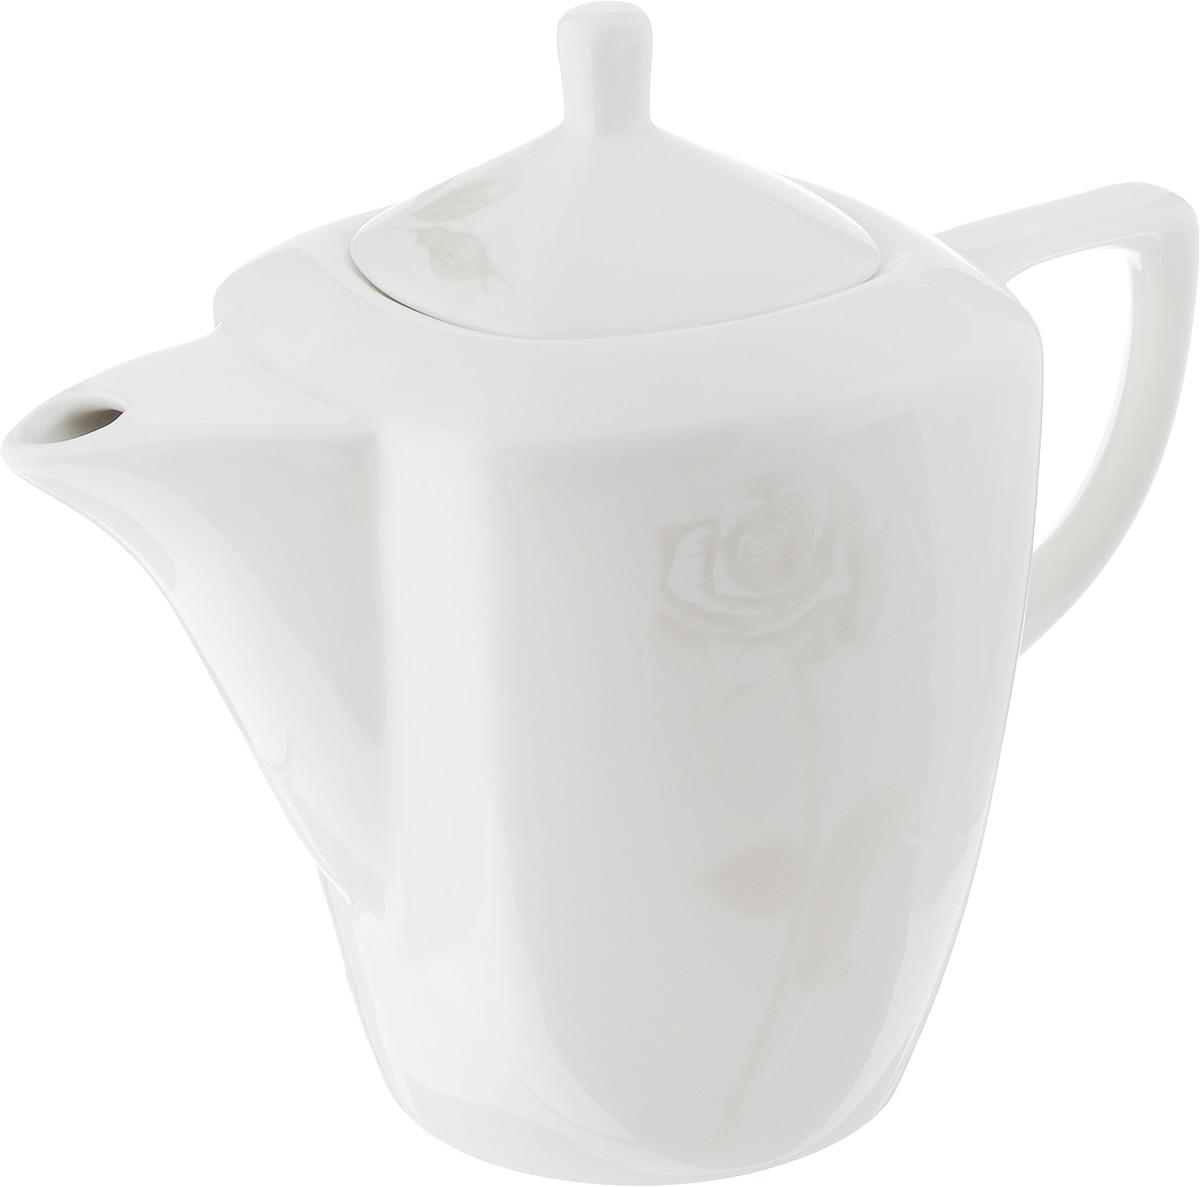 Чайник заварочный Жемчужная роза, 1,1 л216699Заварочный чайник Жемчужная роза изготовлен из высококачественного фарфора. Глазурованное покрытие обеспечивает легкую очистку. Изделие прекрасно подходит для заваривания вкусного и ароматного чая, а также травяных настоев. Оригинальный дизайн сделает чайник настоящим украшением стола. Он удобен в использовании и понравится каждому. Можно мыть в посудомоечной машине и использовать в микроволновой печи. Диаметр чайника (по верхнему краю): 7 см. Высота чайника (без учета крышки): 14 см. Высота чайника (с учетом крышки): 19 см.